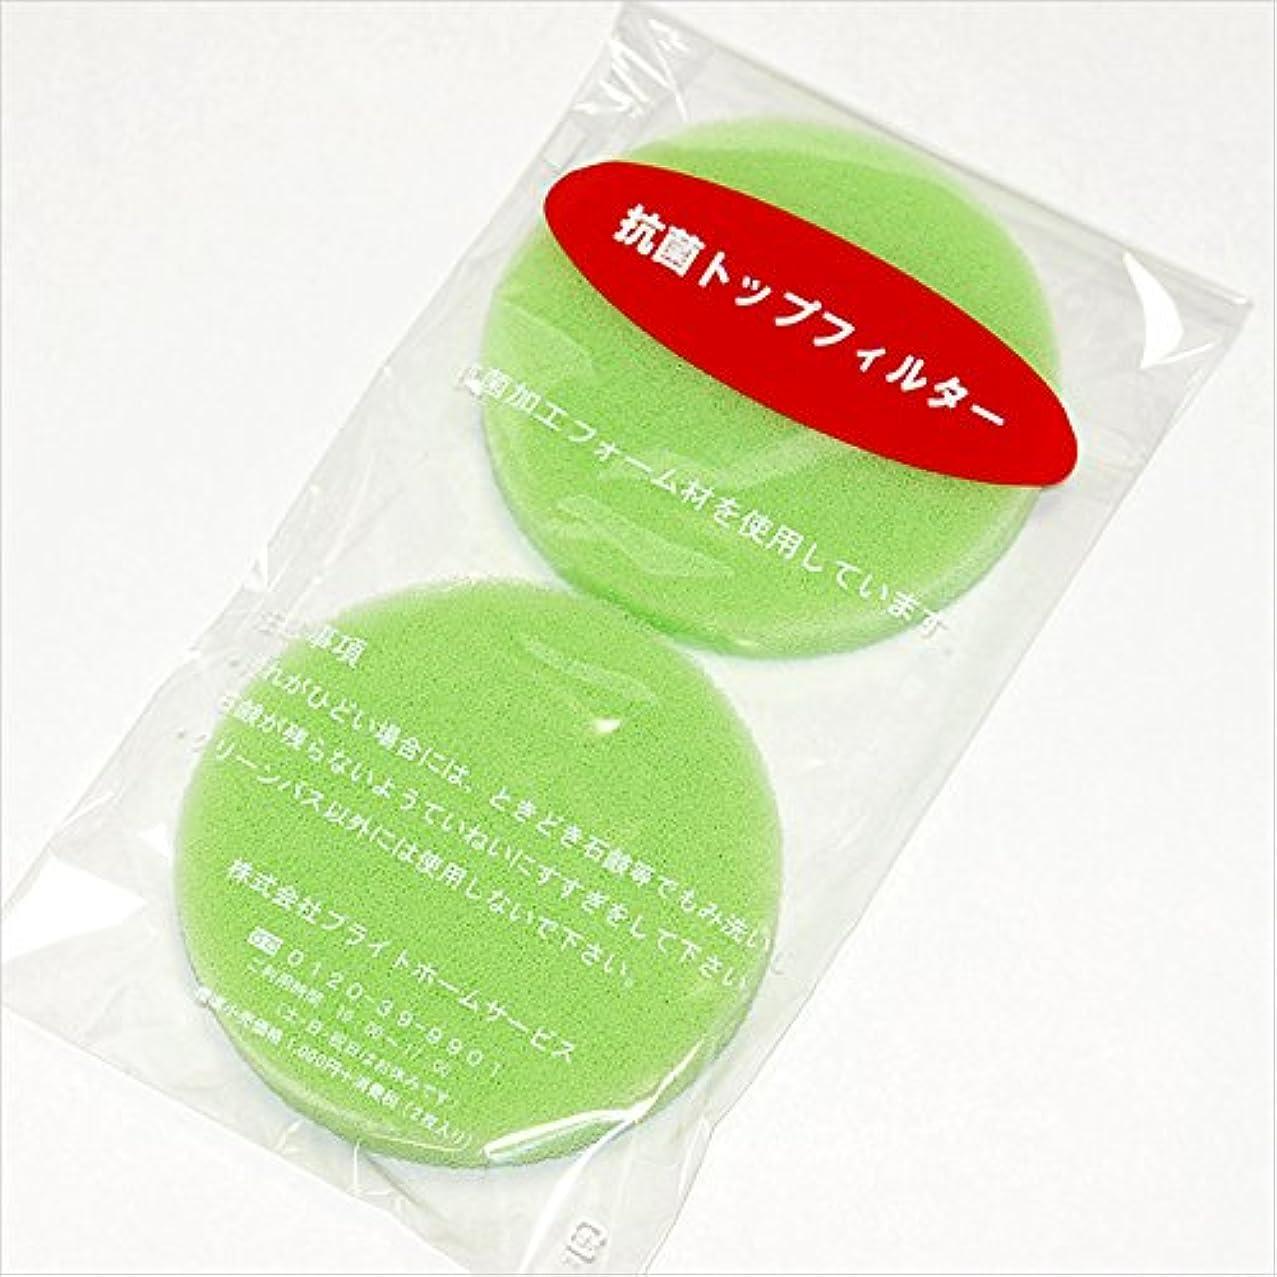 ページ資本レーニン主義24時間風呂 抗菌トップフィルター(2枚入り) ブライトホームサービス製品用